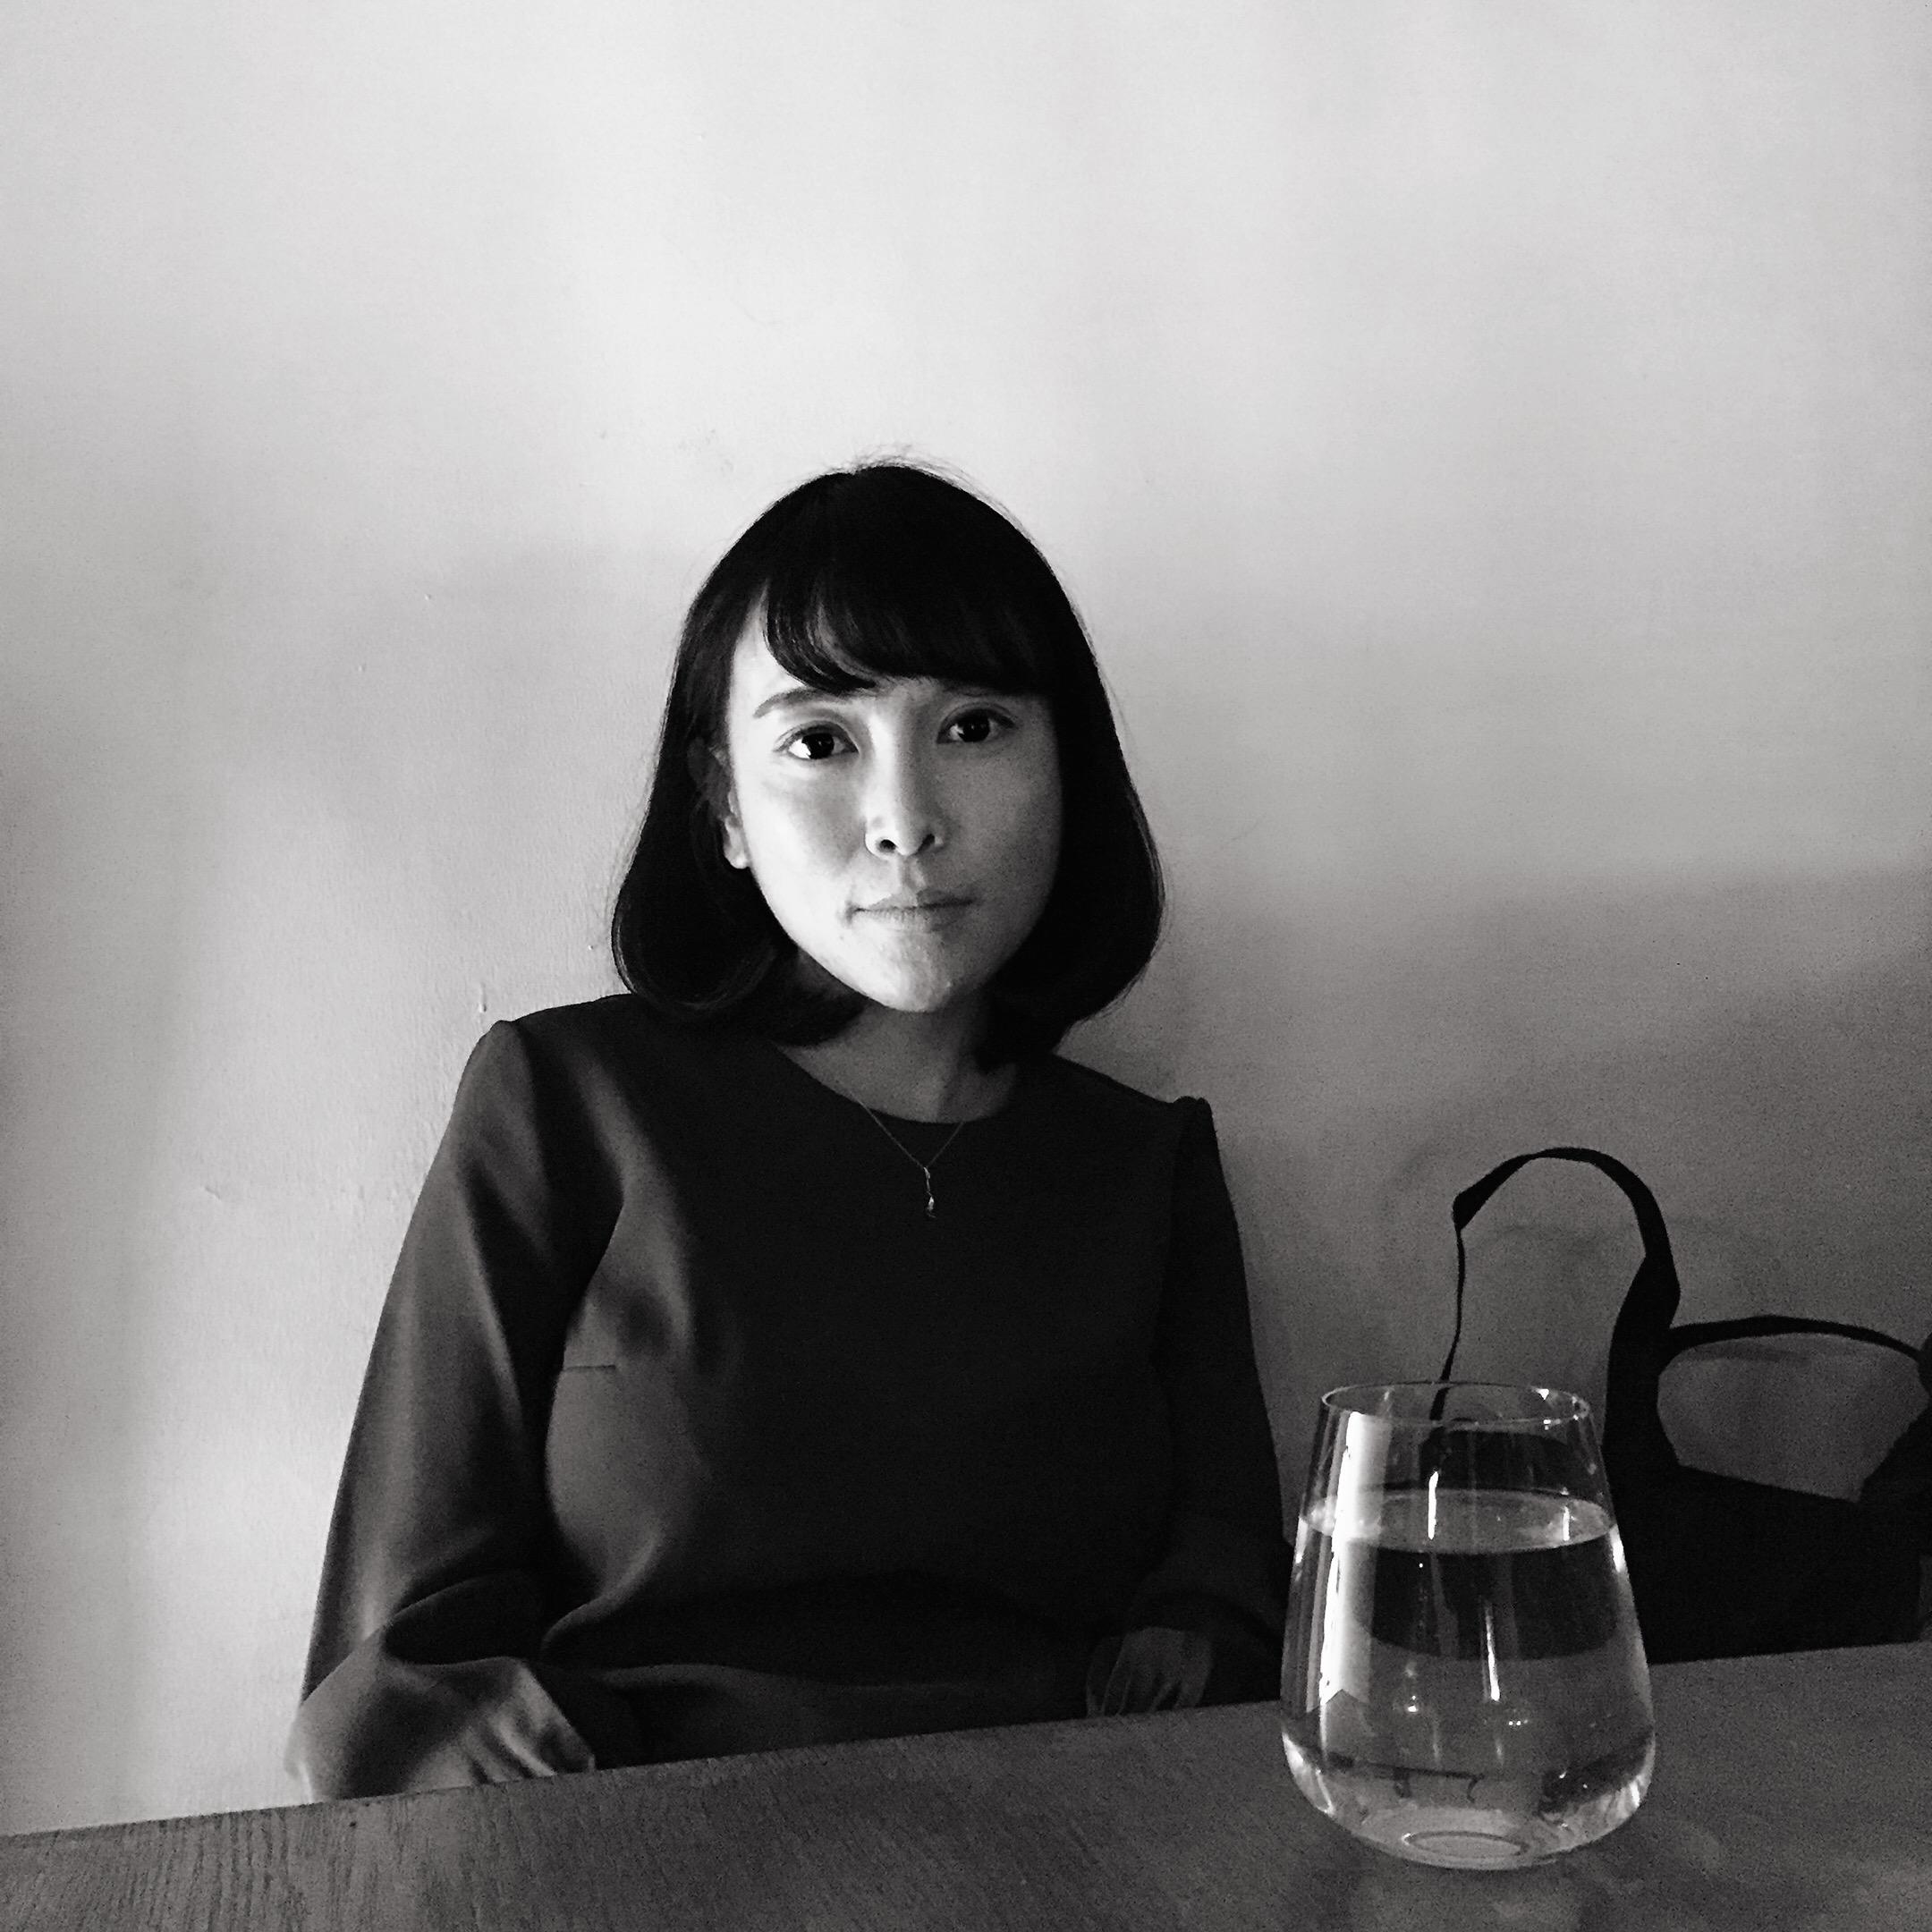 Image of writer Yan Ge